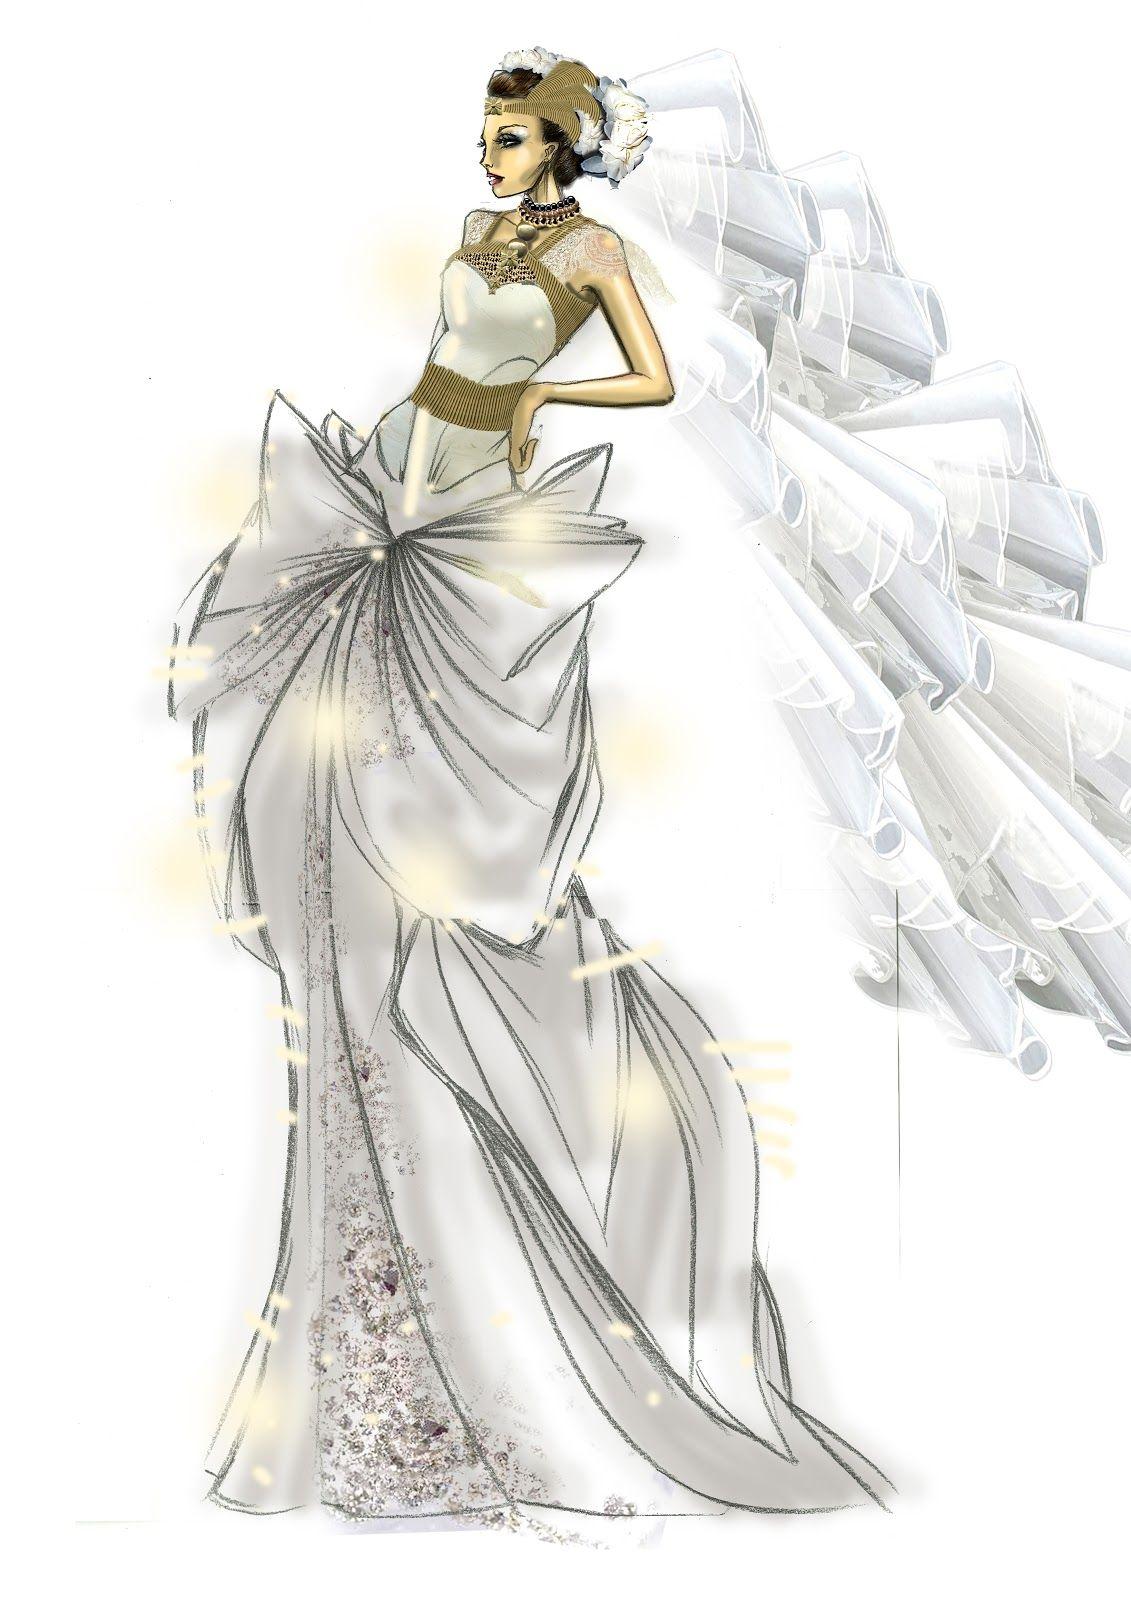 Molto Figurini Di Moda Di Stilisti Famosi HN52 » Regardsdefemmes RR51